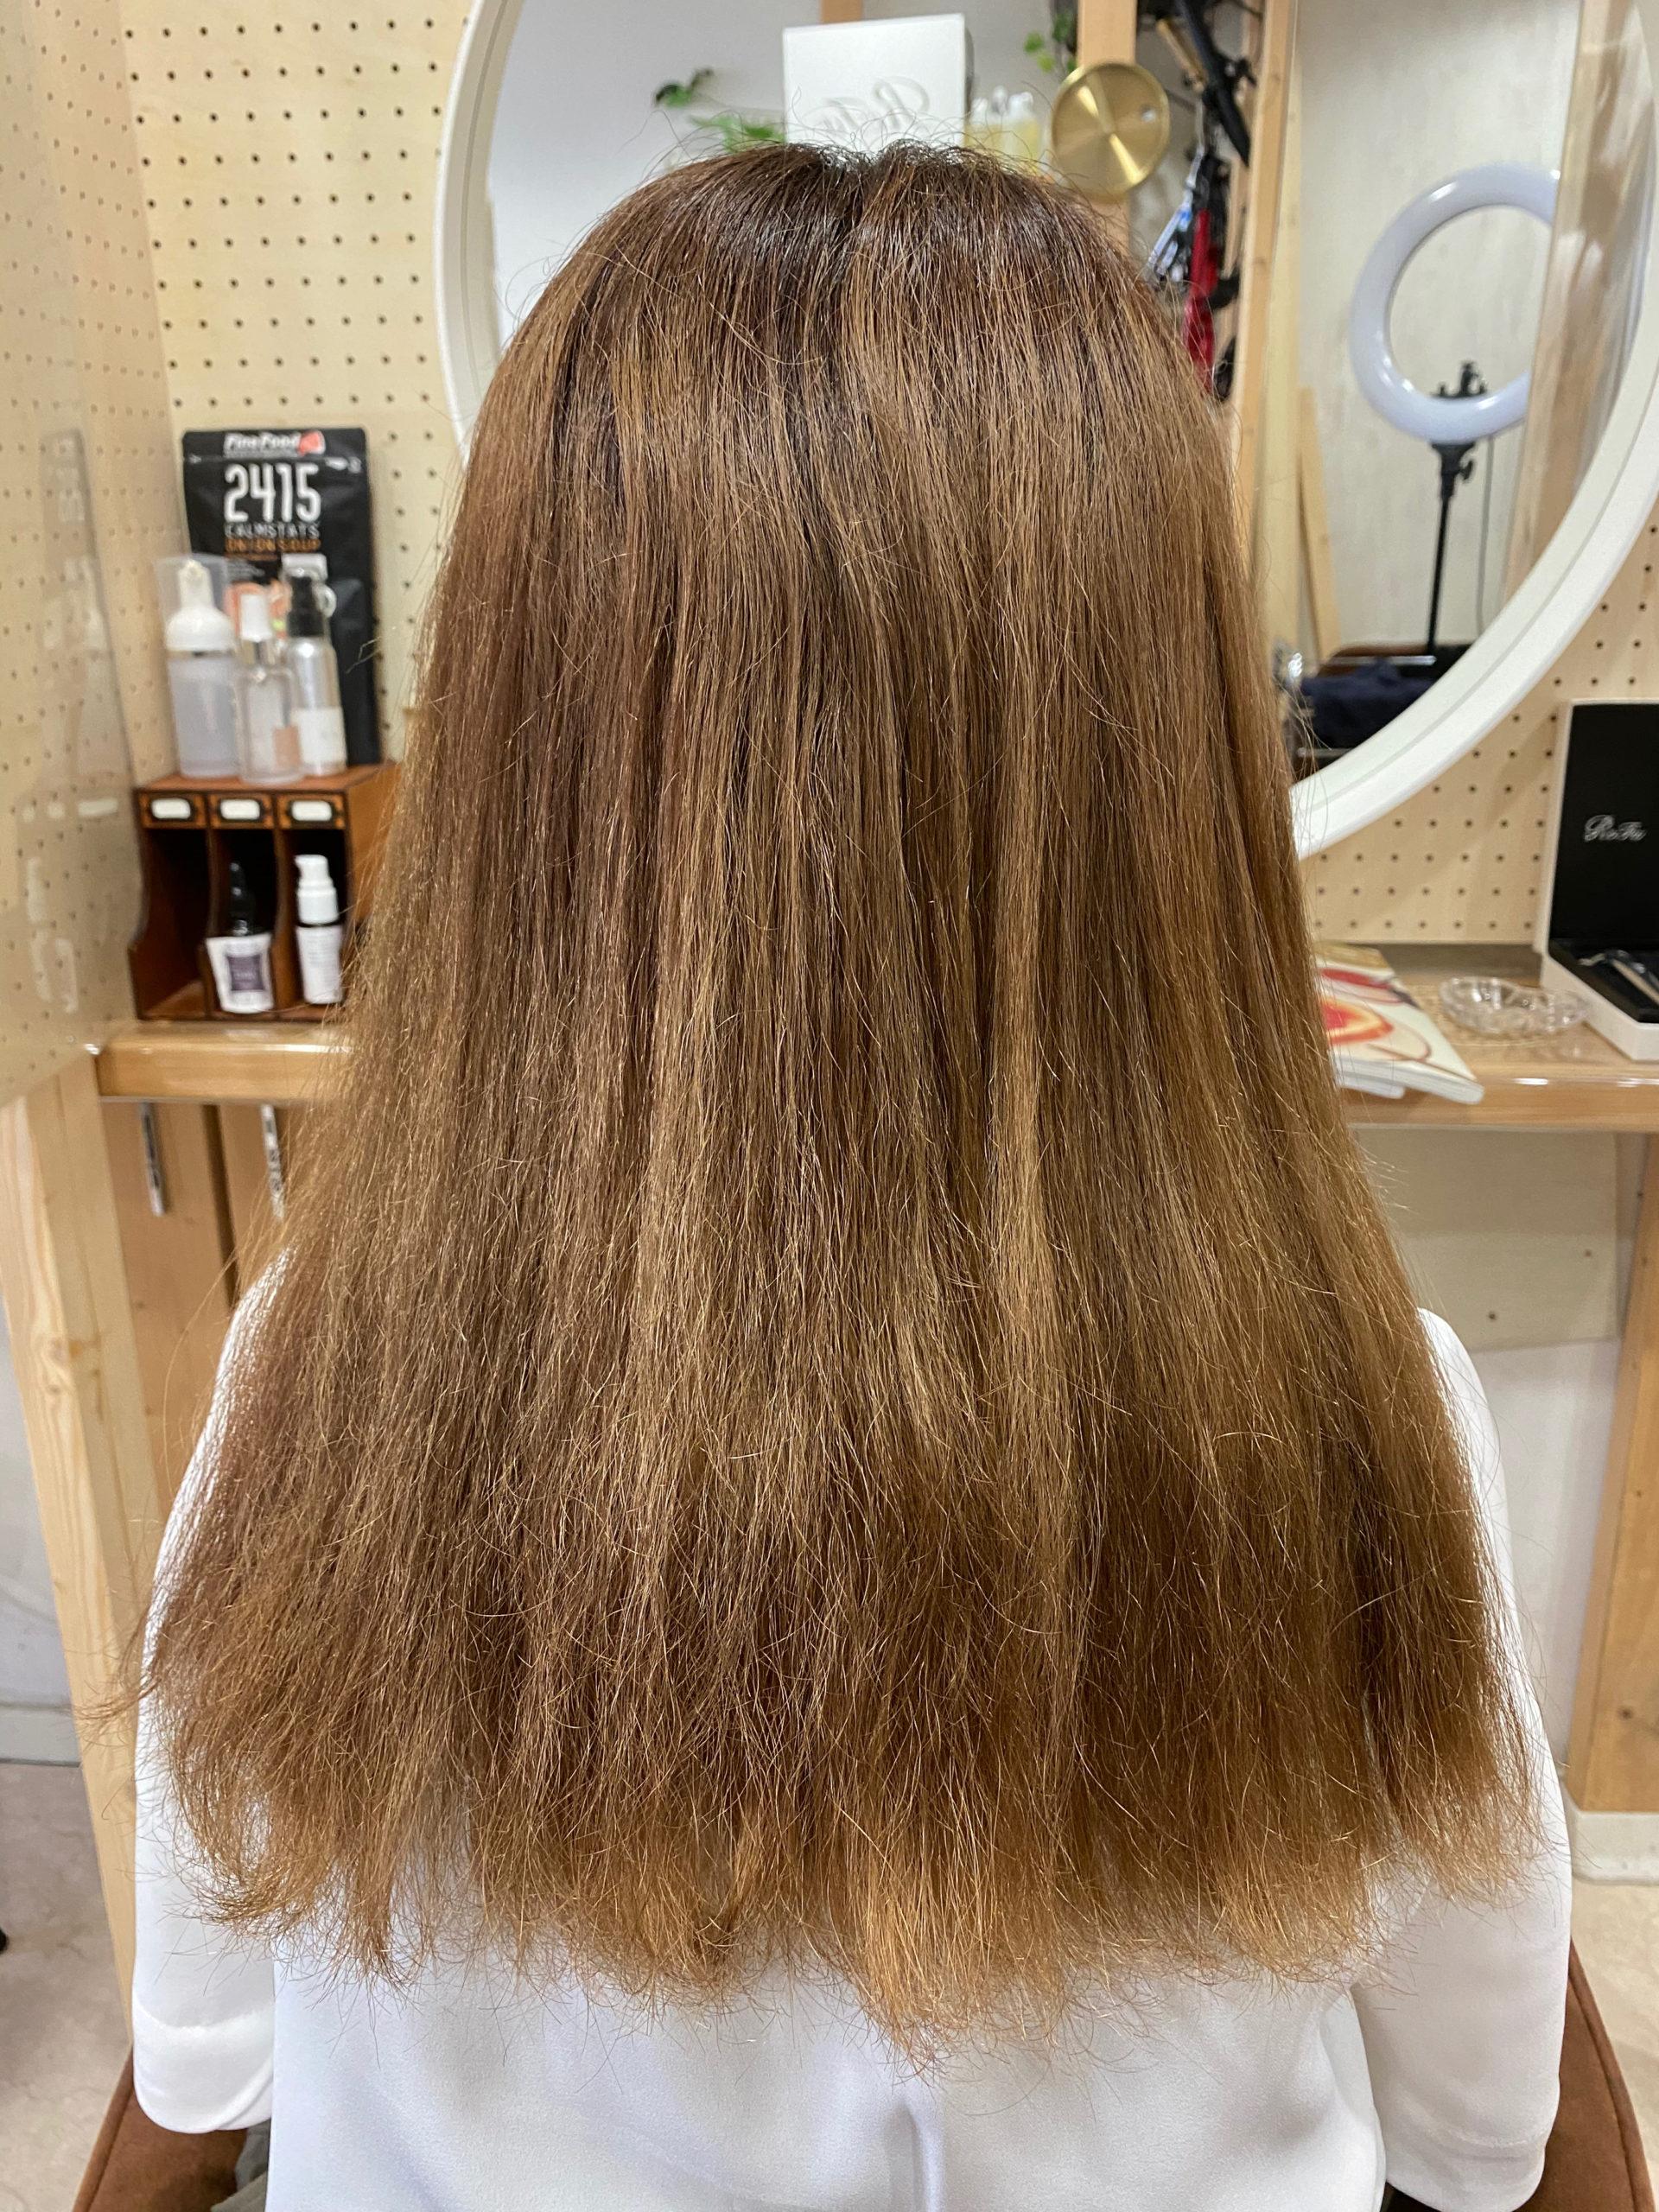 毛先のチリつきを直す【ビビリ矯正】原宿・表参道『髪のお悩みを解決するヘアケア美容師の挑戦』